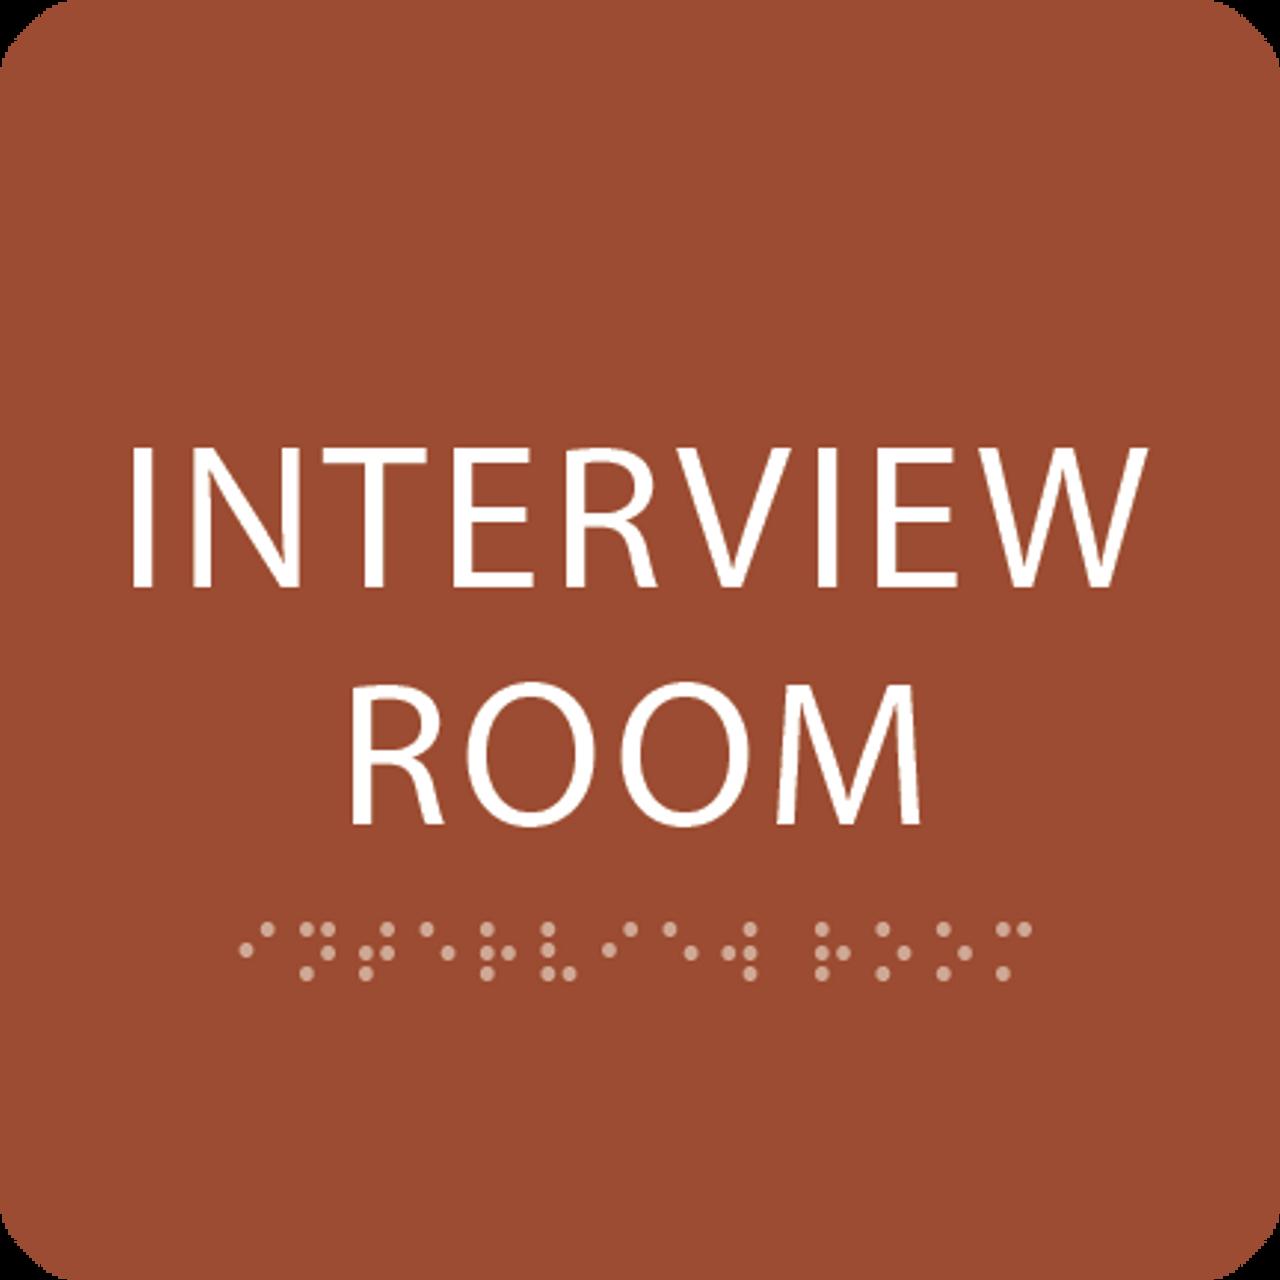 Orange Interview Room ADA Sign